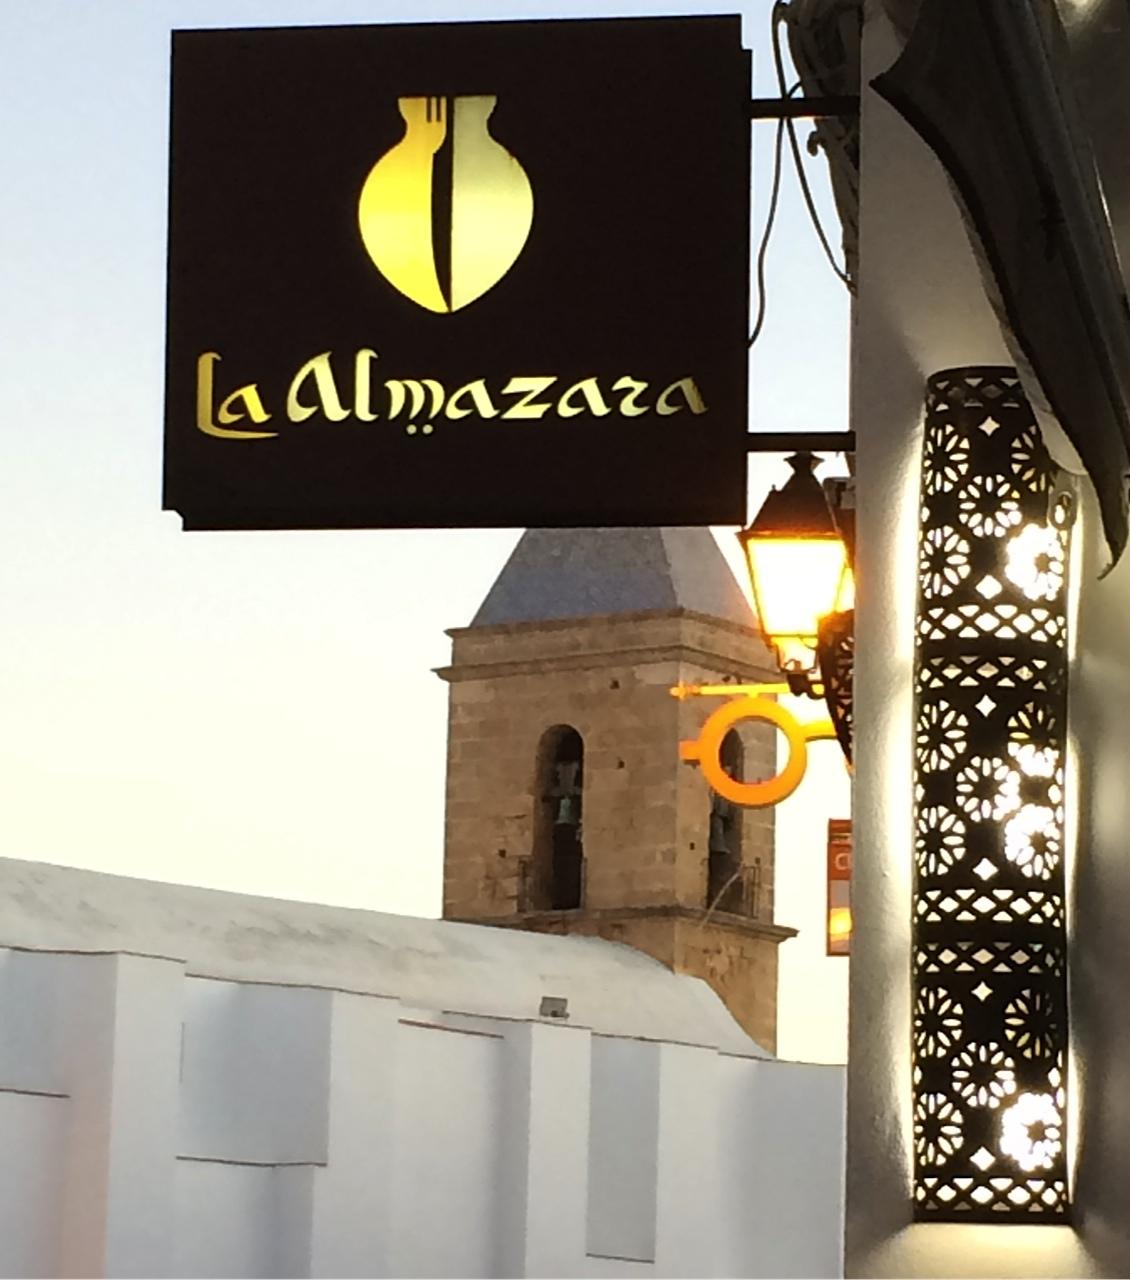 La Almazara